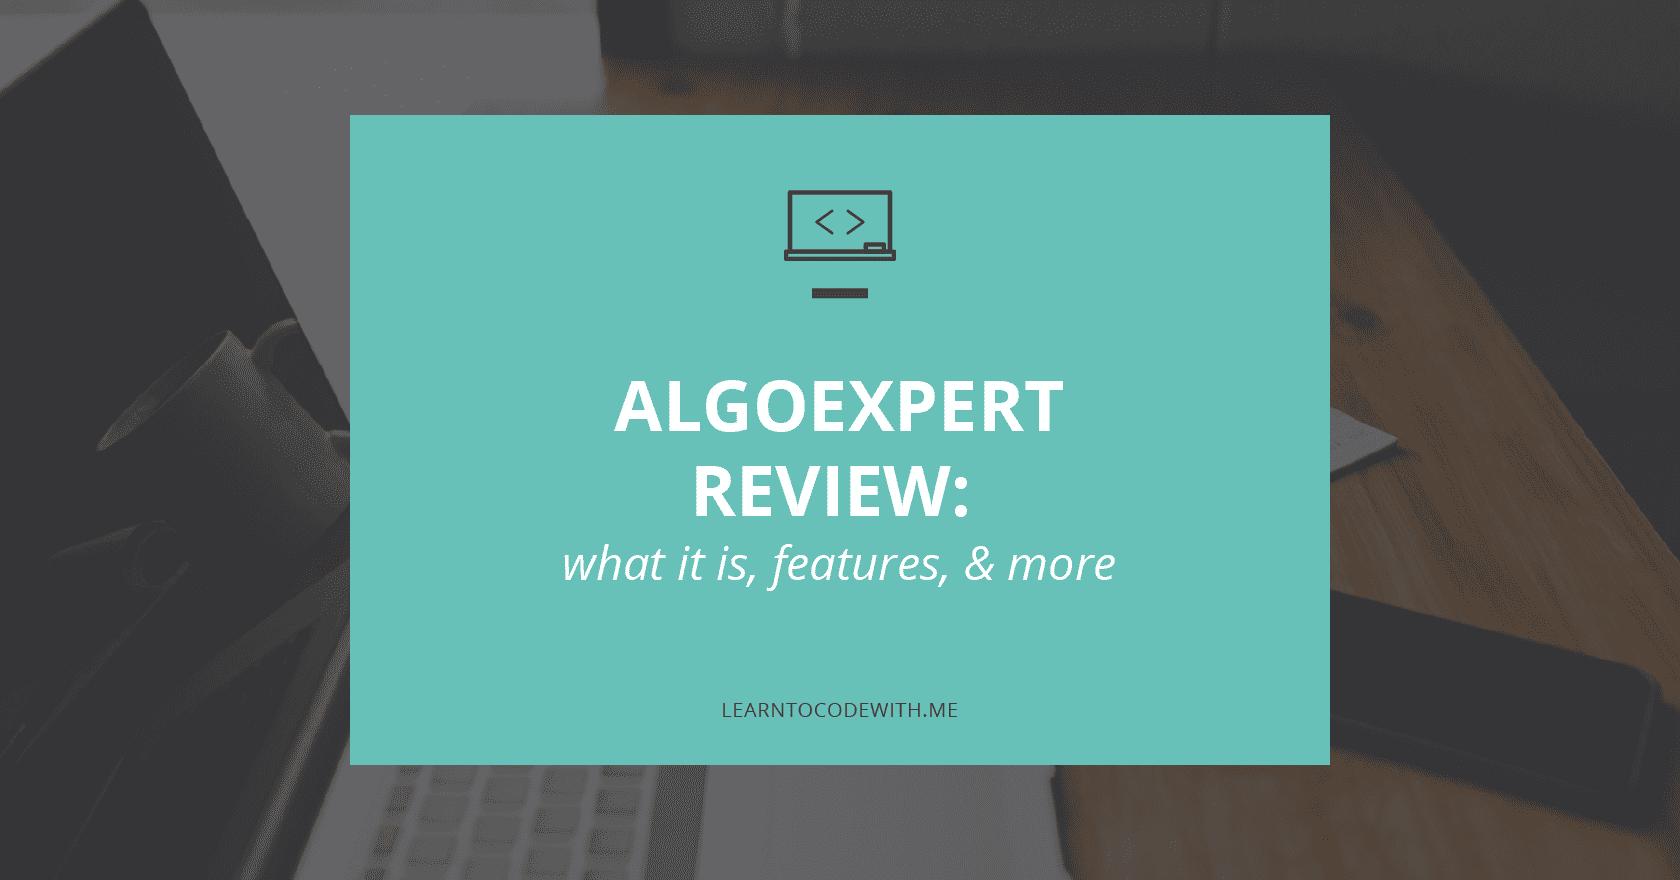 AlgoExpert Online Review